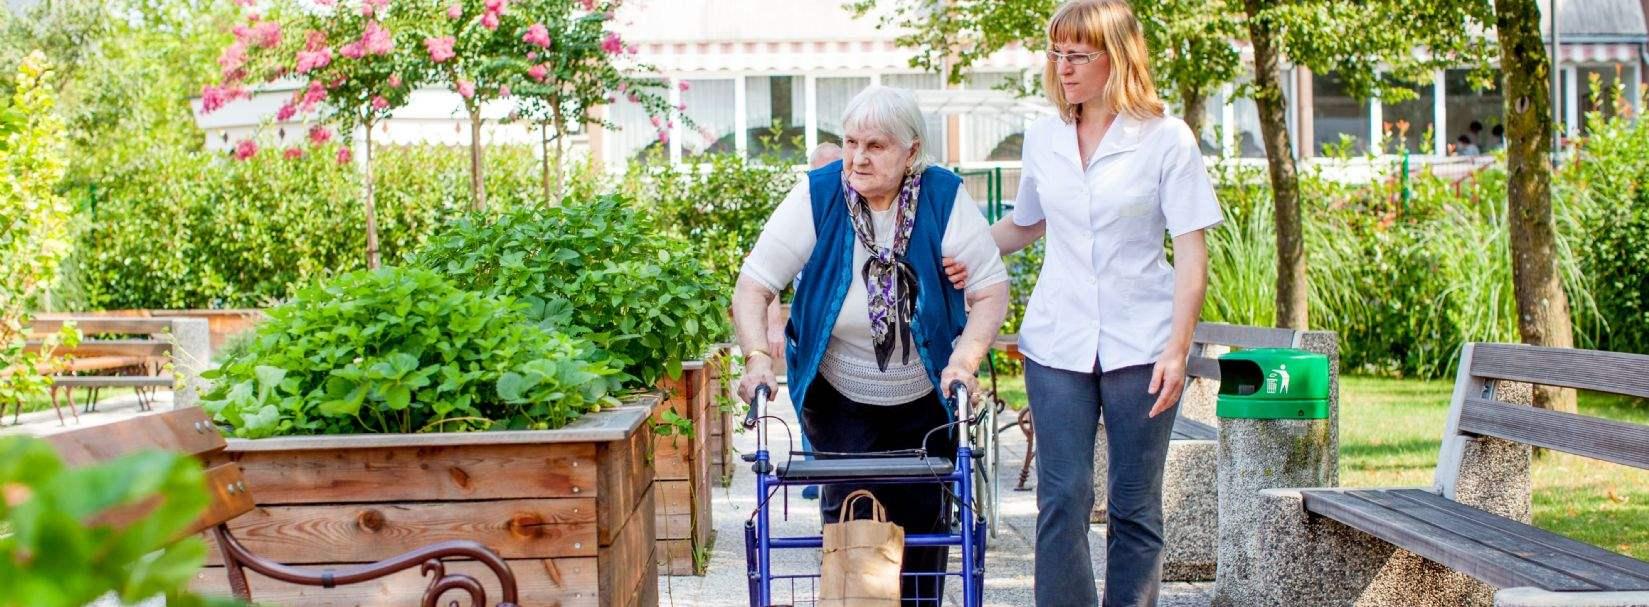 Die alternative Altersvorsorge – Investoreninteresse an Pflegeimmobilien treibt Preise in die Höhe